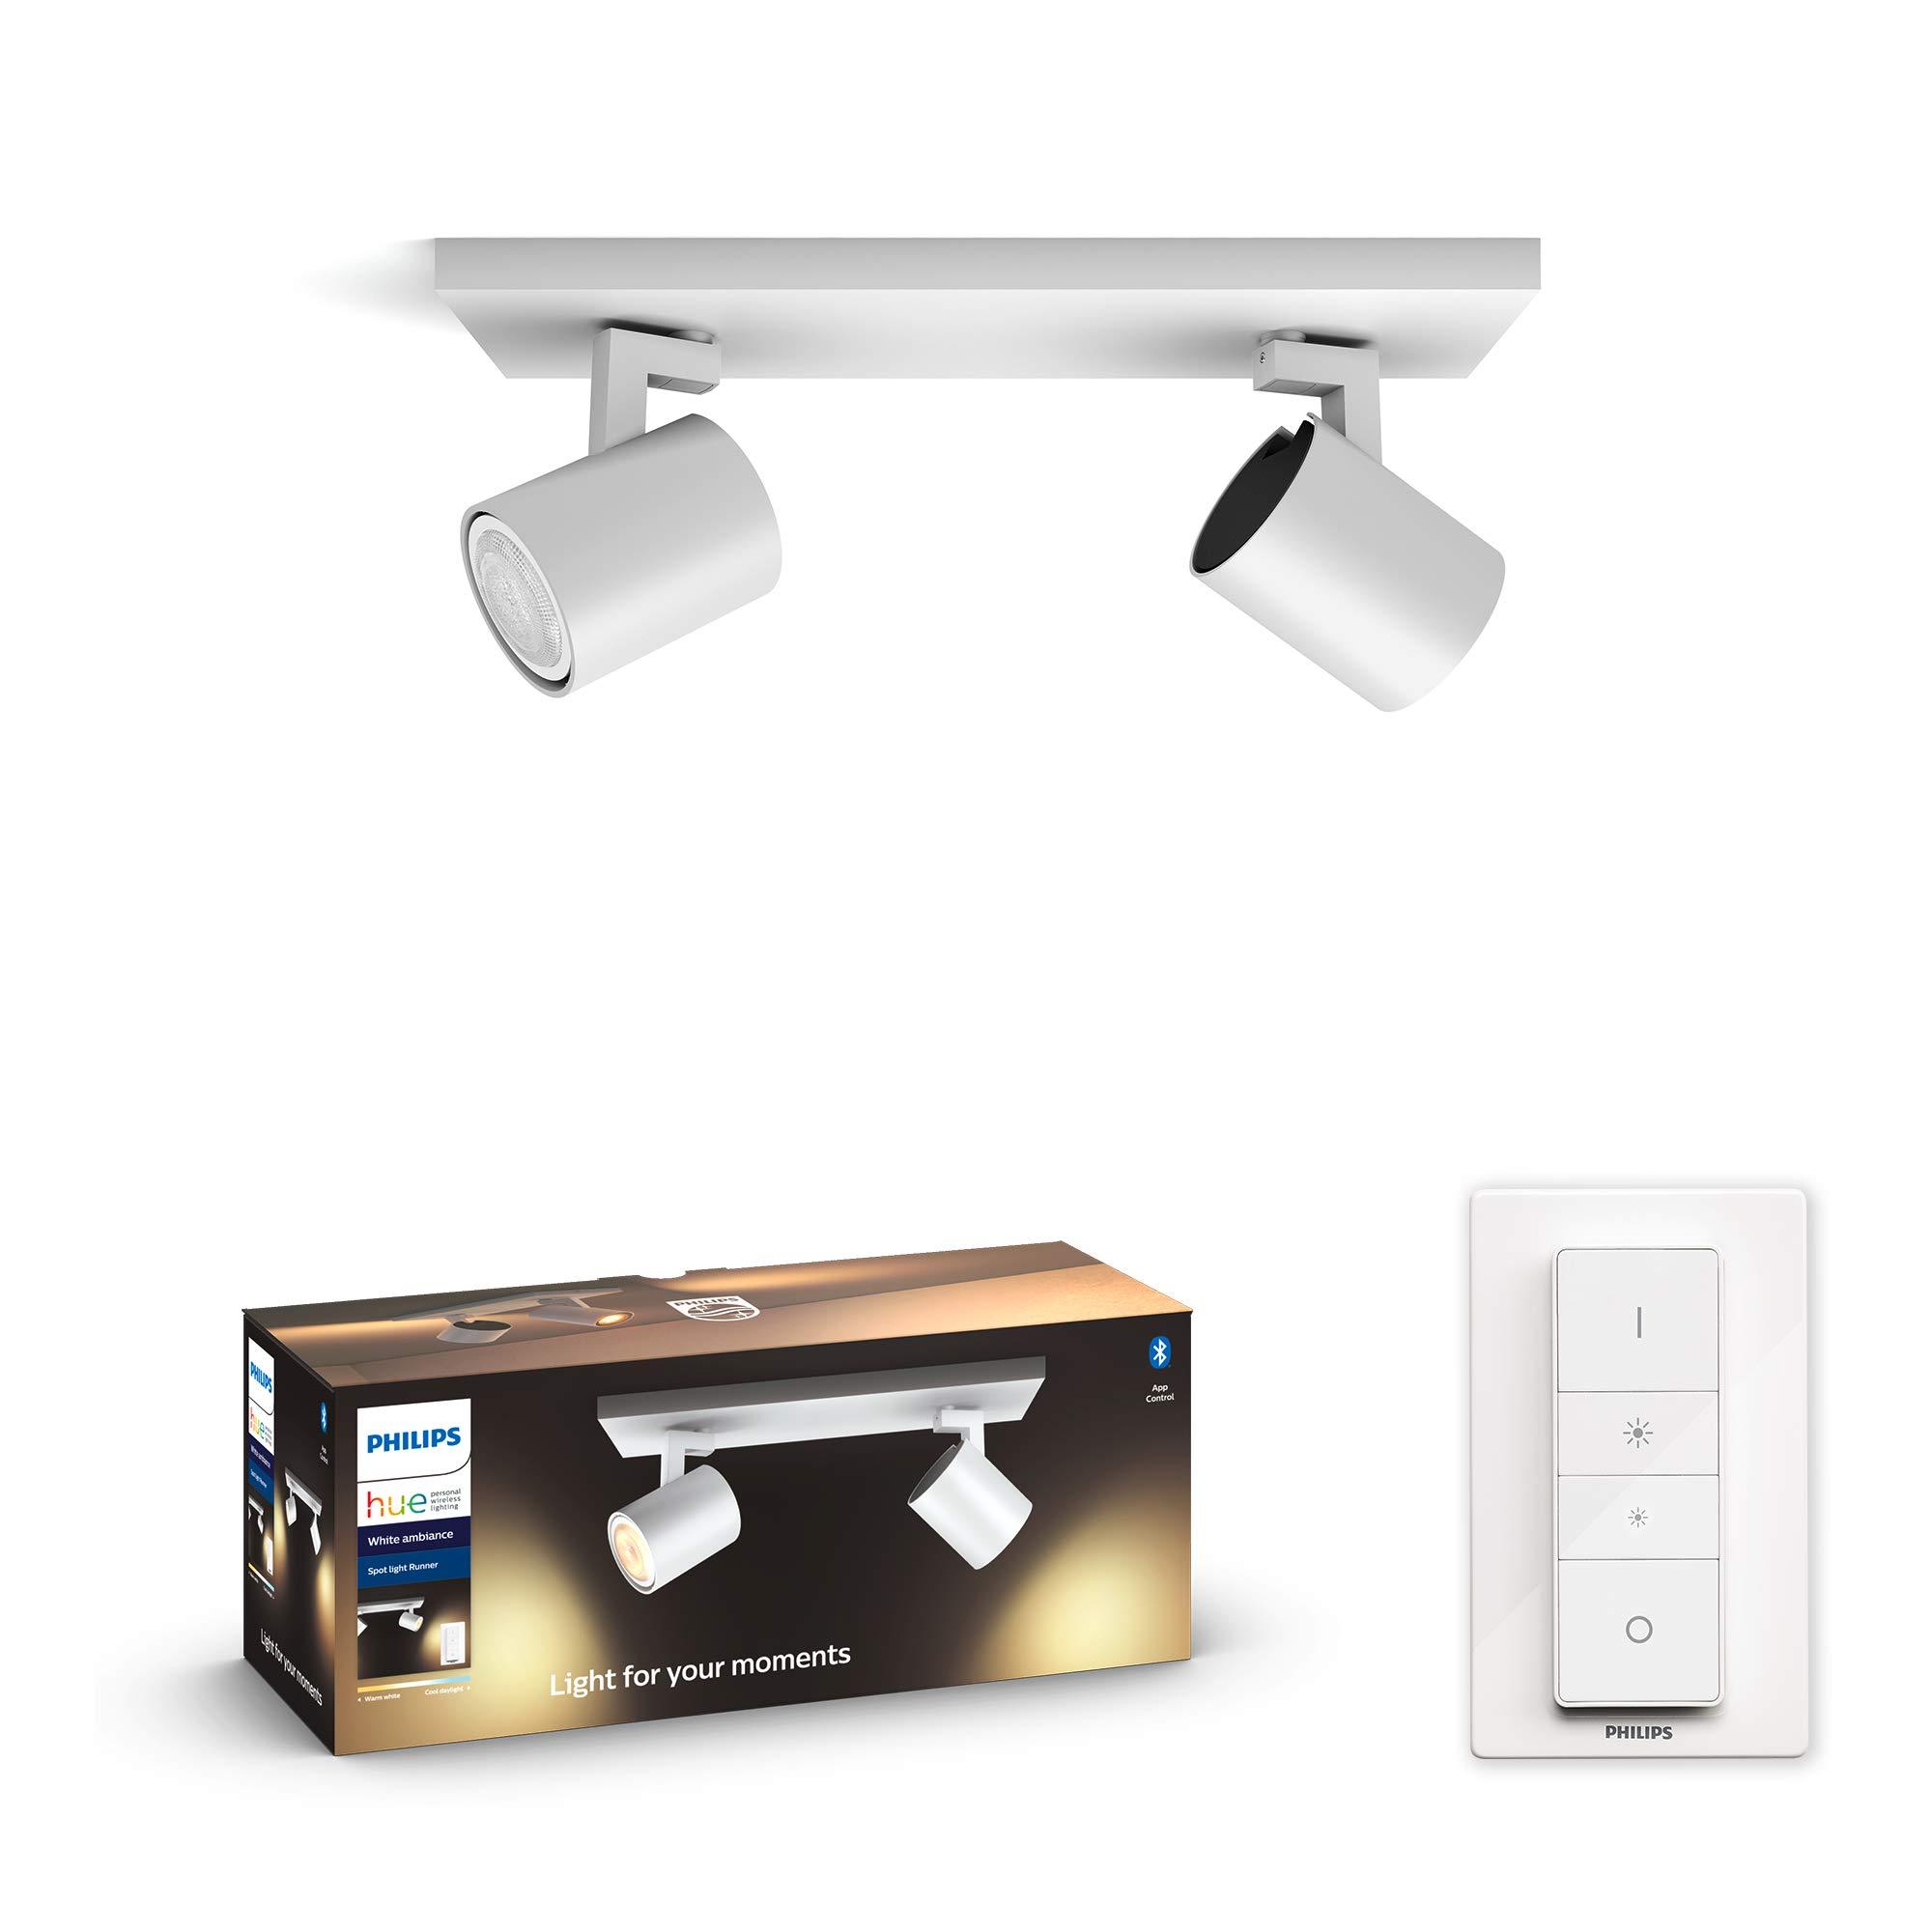 Philips Hue Runner Barrra de 2 Focos Inteligentes LED blancos con Bluetooth, Luz Blanca de Cálida a Fría, Compatible con Alexa y Google Home